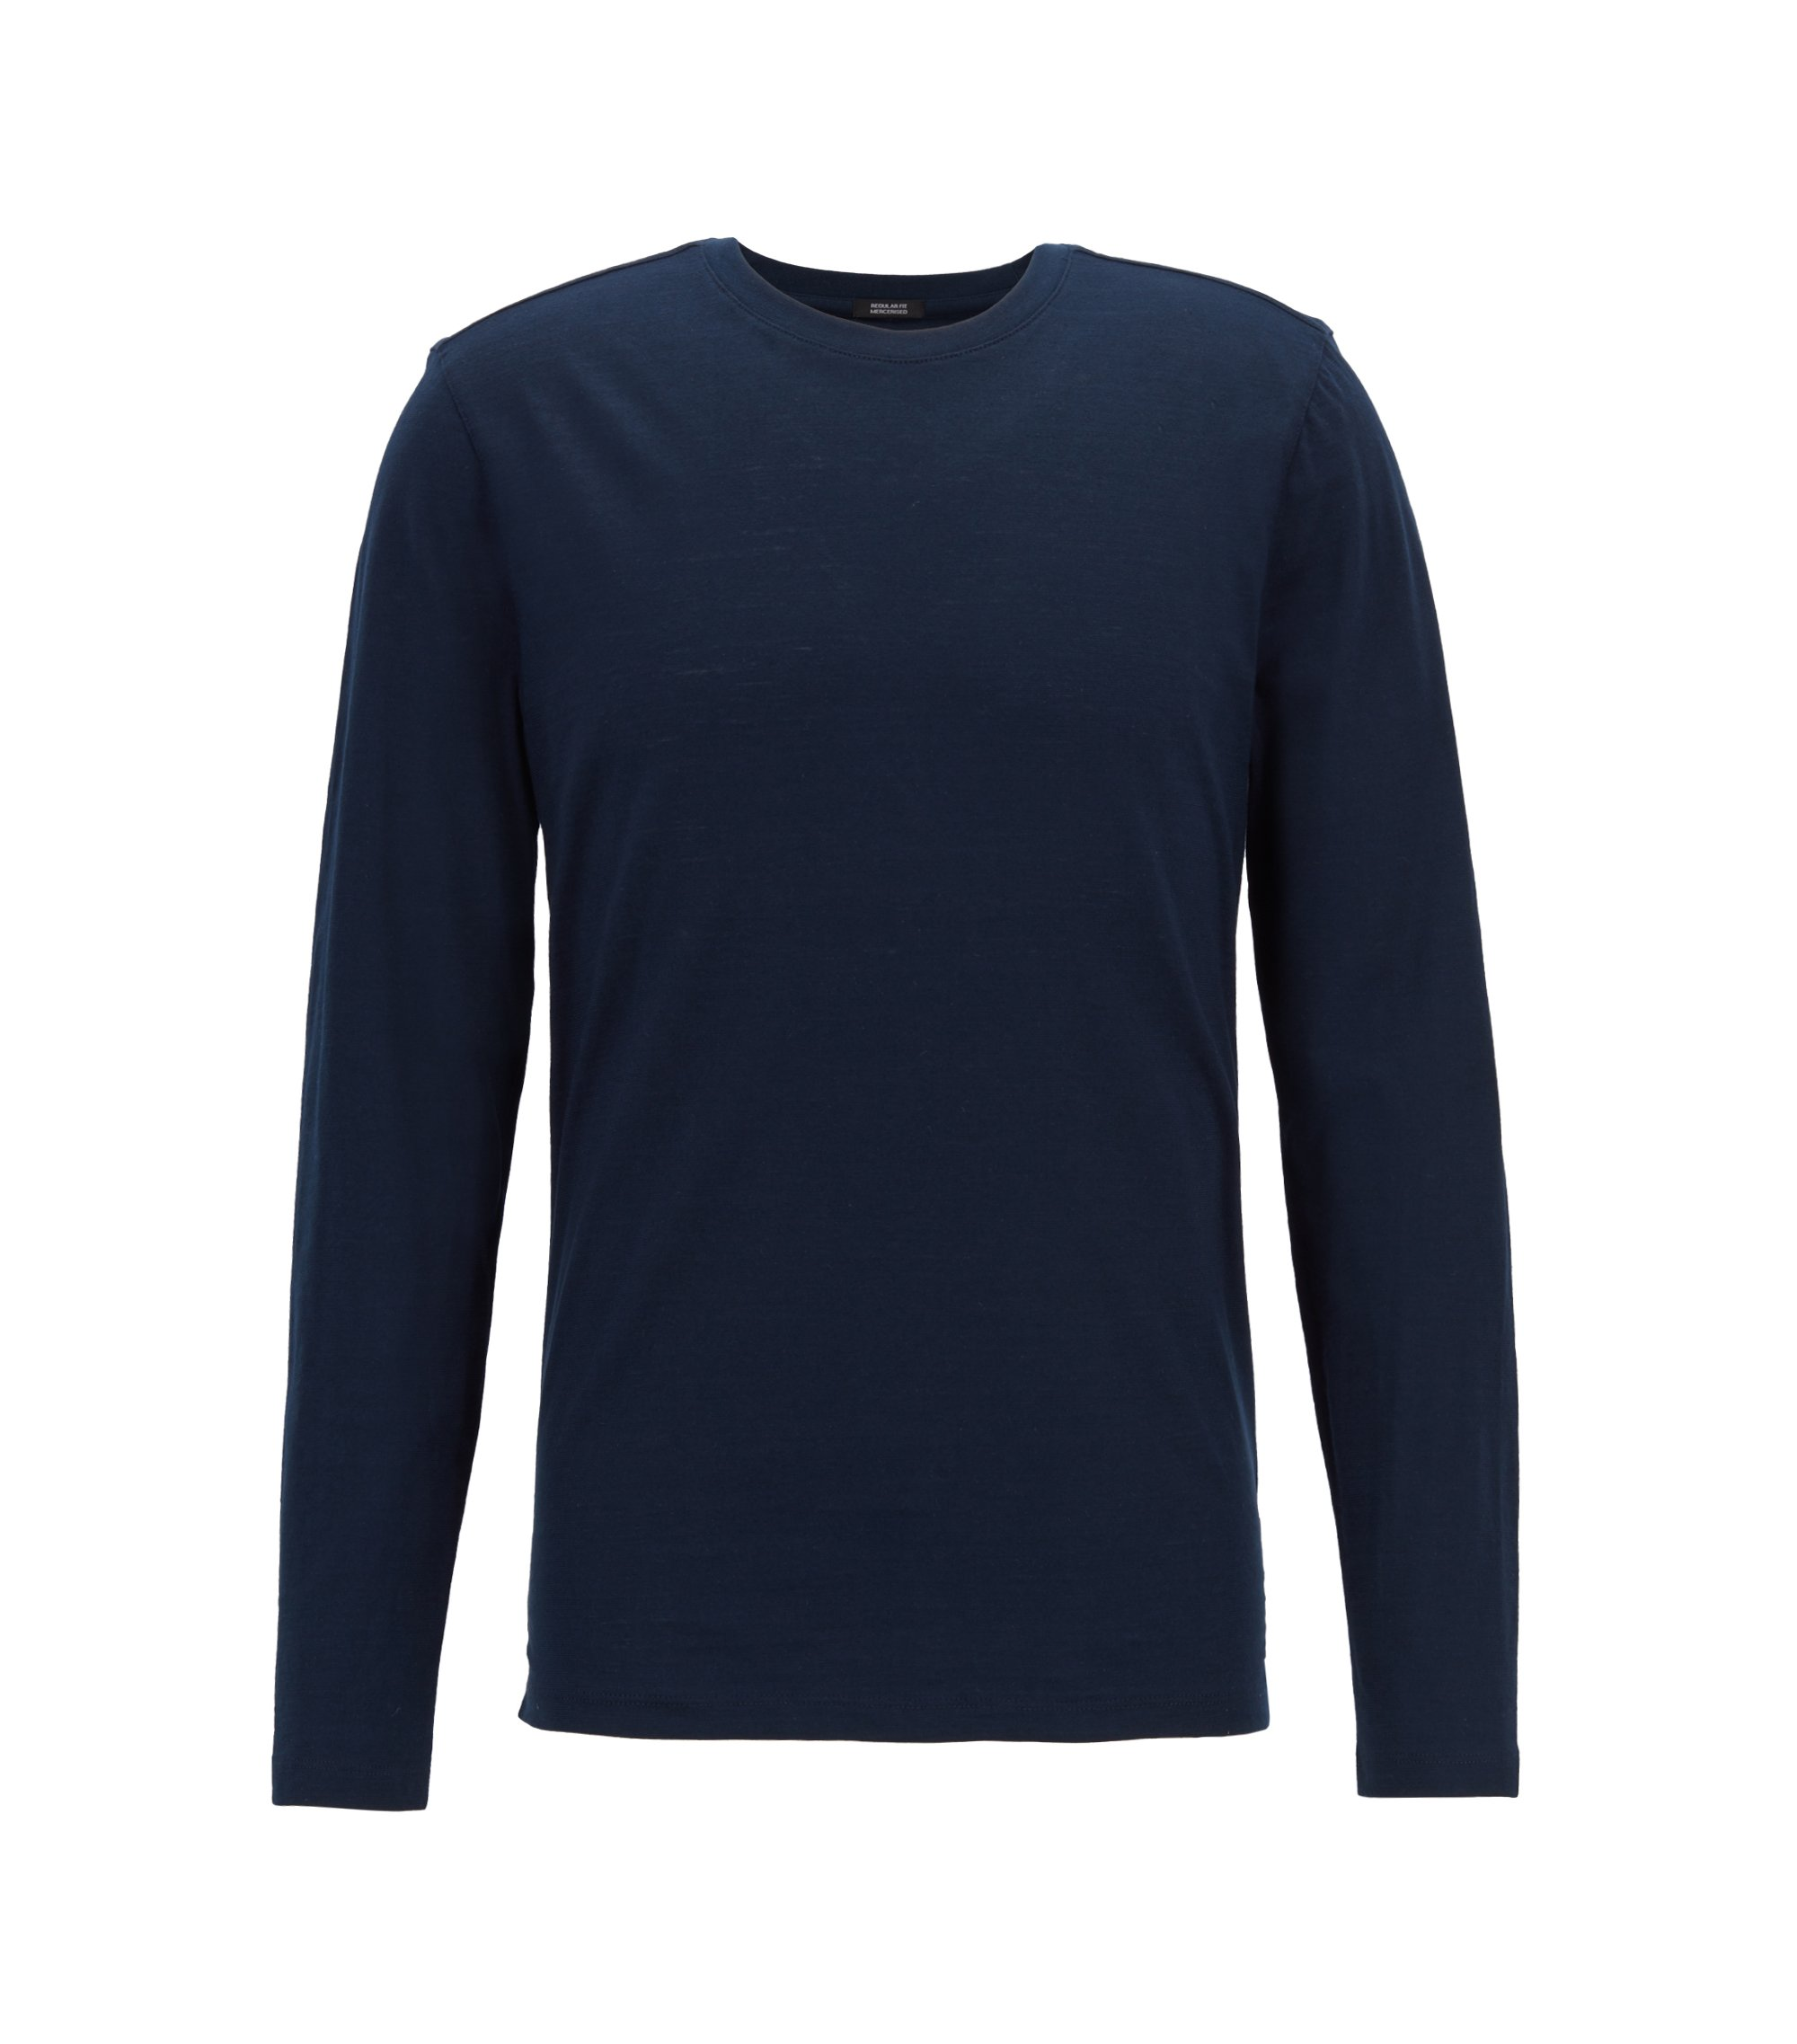 T-shirt Slim Fit à manches longues en coton flammé mercerisé, Bleu foncé